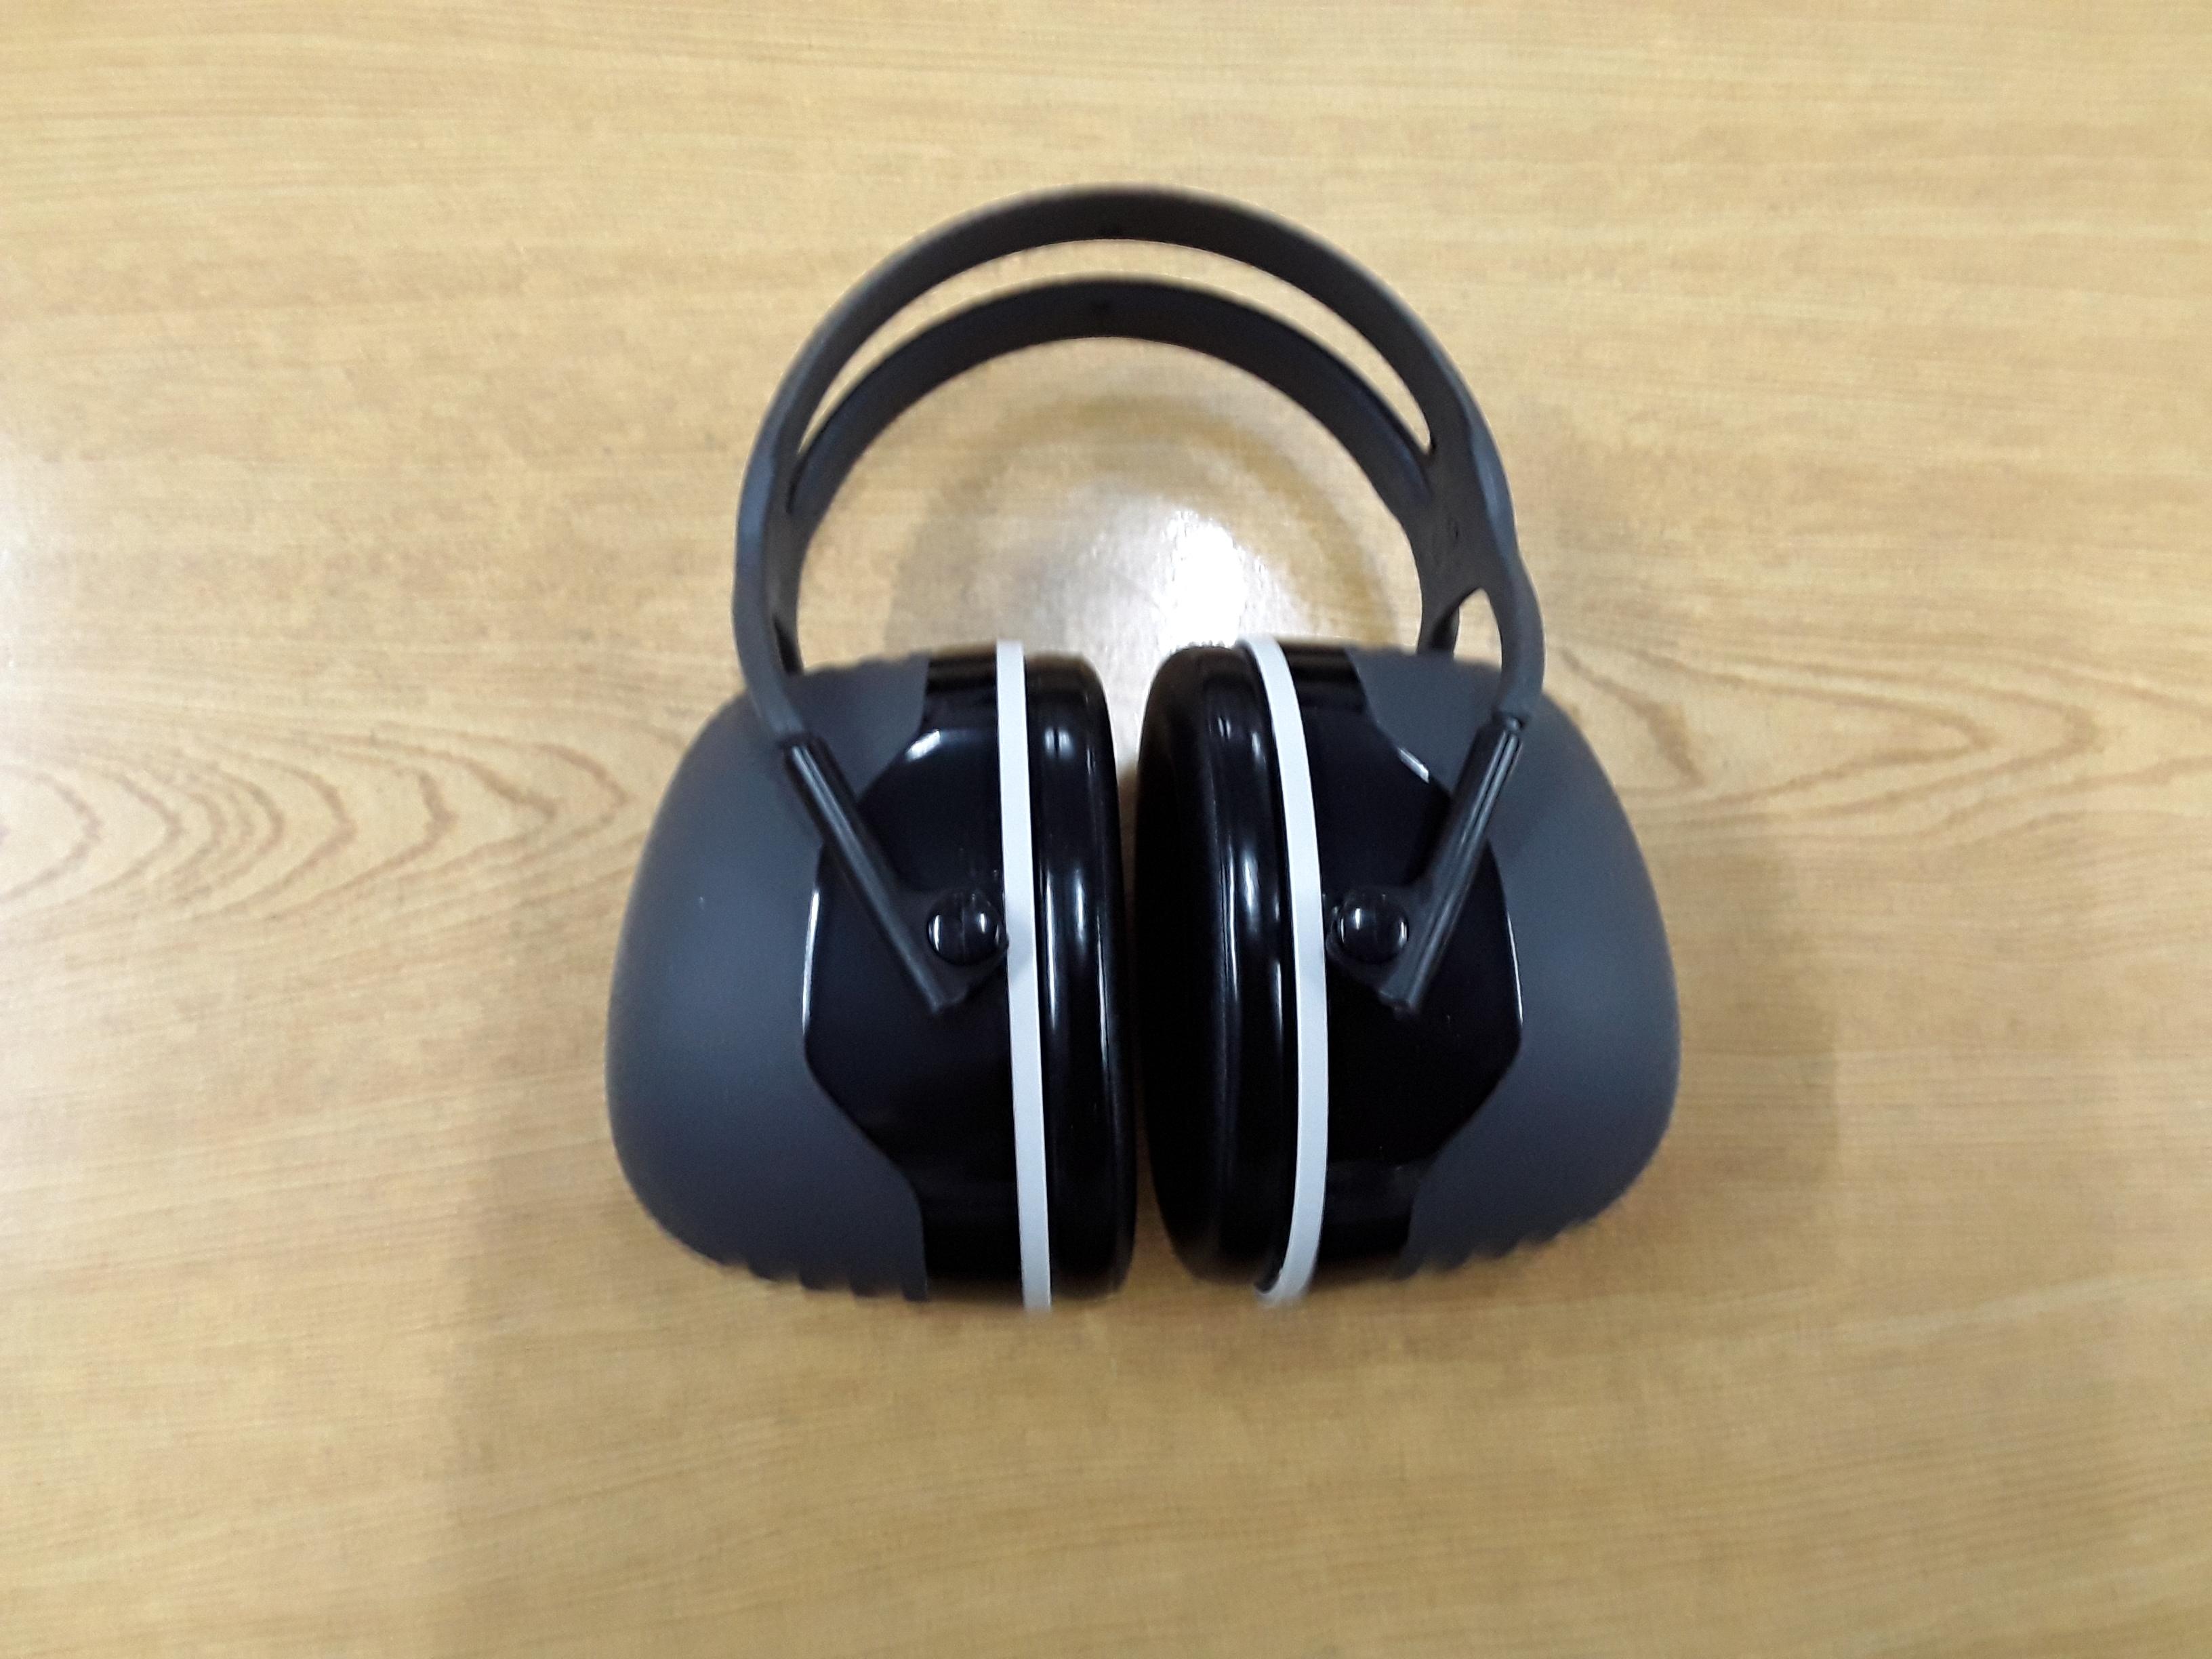 Ống bịt tai chống ồn X5A 3M